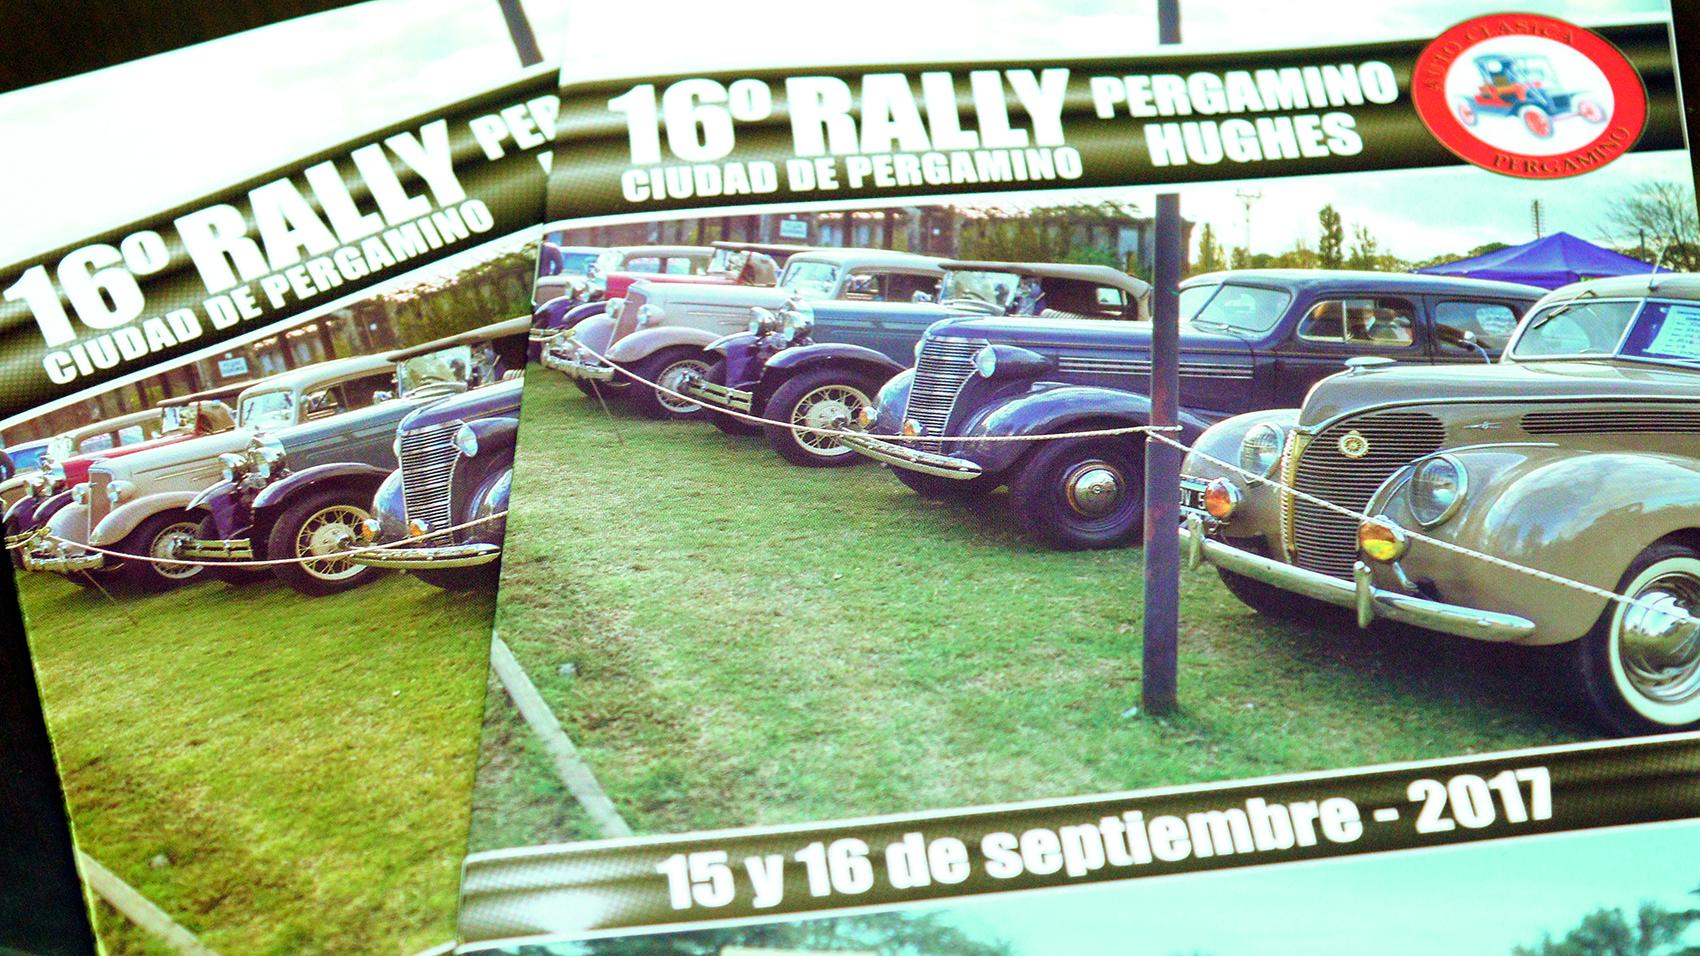 En la mañana de este lunes 11 de septiembre, en el Palacio Municipal, el subsecretario de Deportes, Agustín Buscaglia, presentó, junto a los integrantes de Autoclásica, el 16° Rally de Autos Clásicos Pergamino – Hughes que se llevará a cabo los días 15 y 16 de septiembre y que contará con autos desde los años ´20.